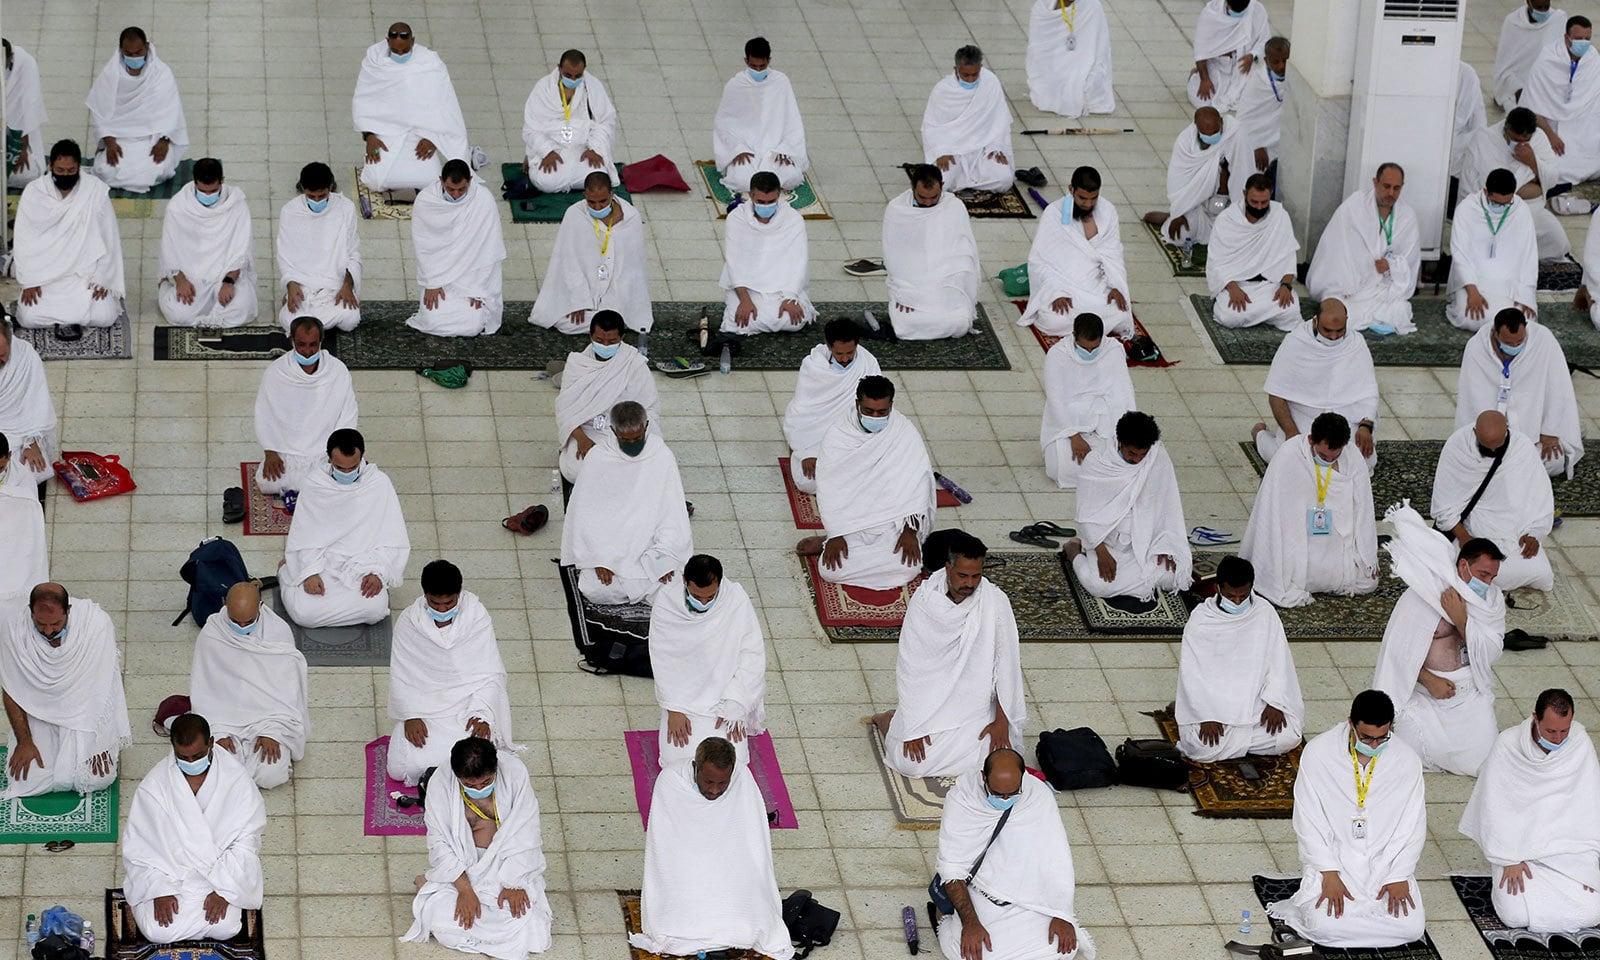 خطبہ حج کے بعد مسجد نمرہ میں نماز ادا کی گئی —فوٹو: رائٹرز